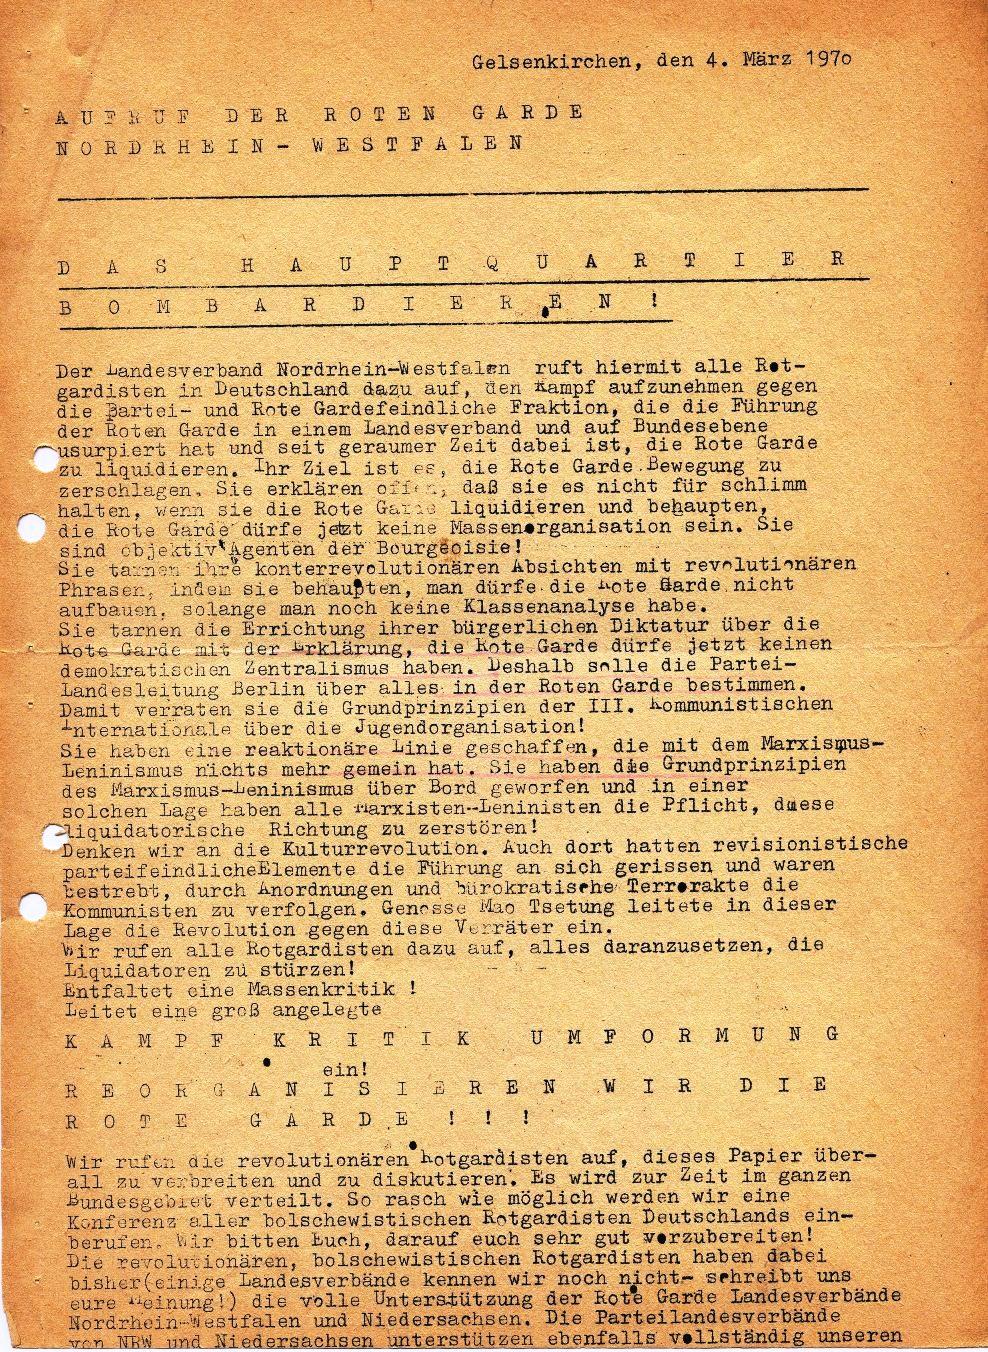 RG_Bolschewik_1970_00_002